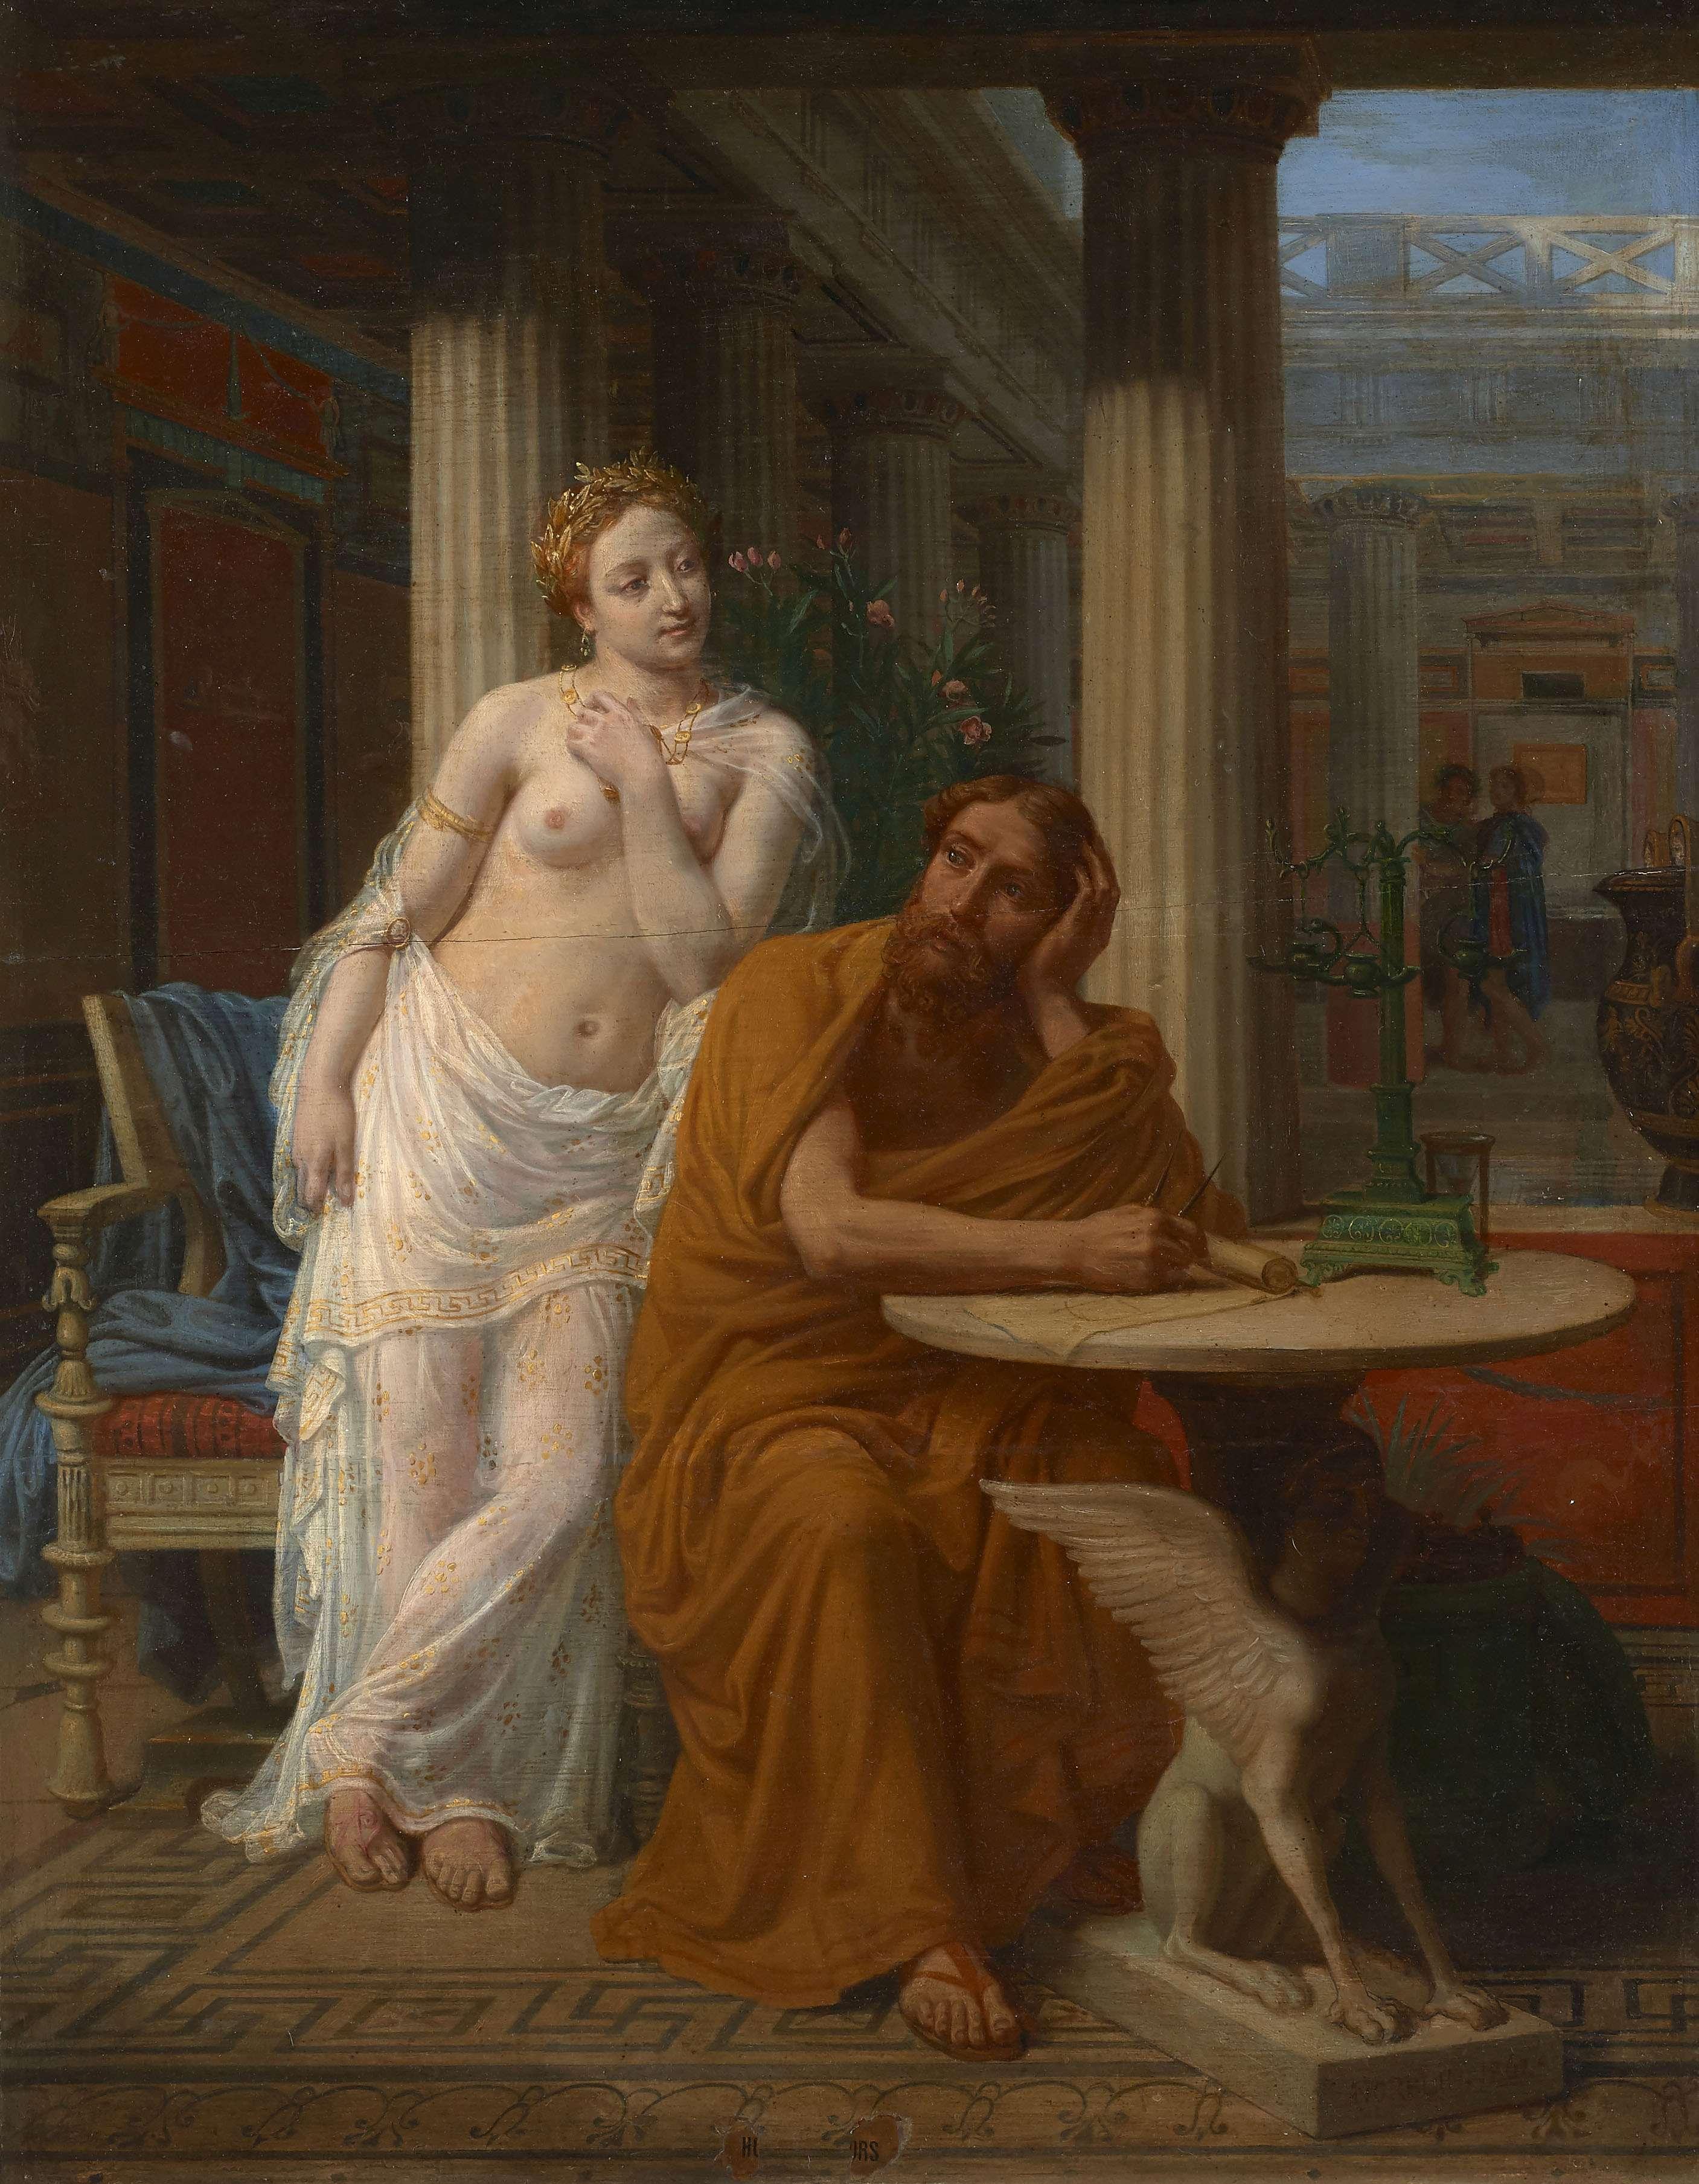 """Sebastian Norblin de La Gourdaine (1796-1884) """"Ksenokrates opierający się pokusom Phryne"""", źródło: Artcurial"""